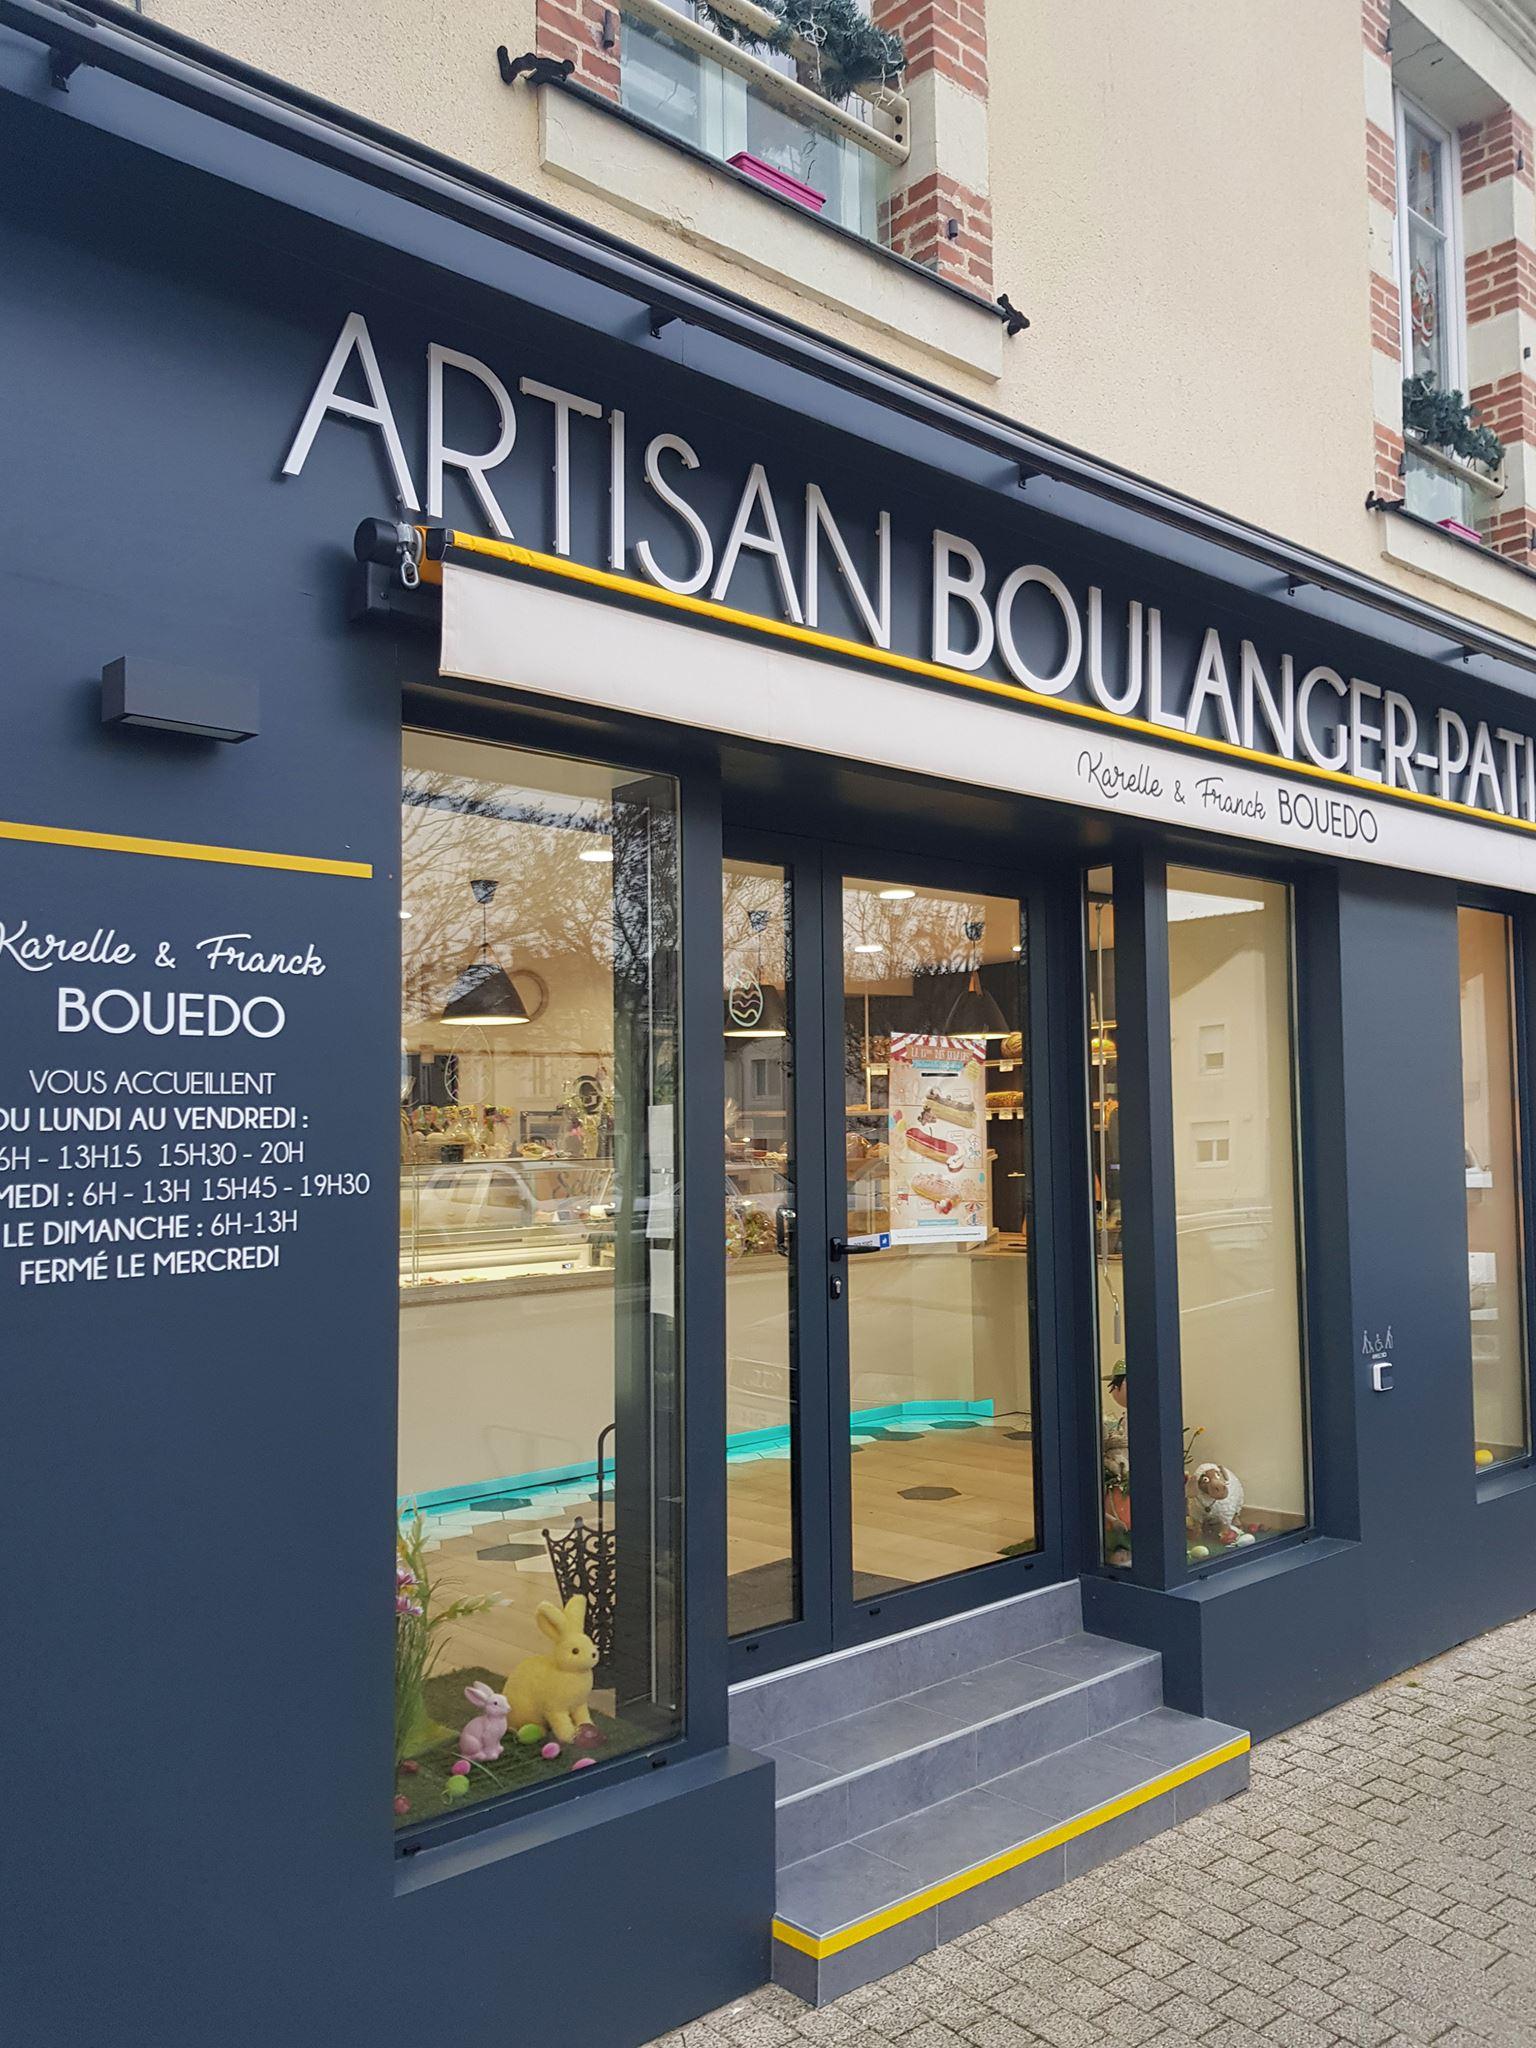 Boulangerie Bouedo